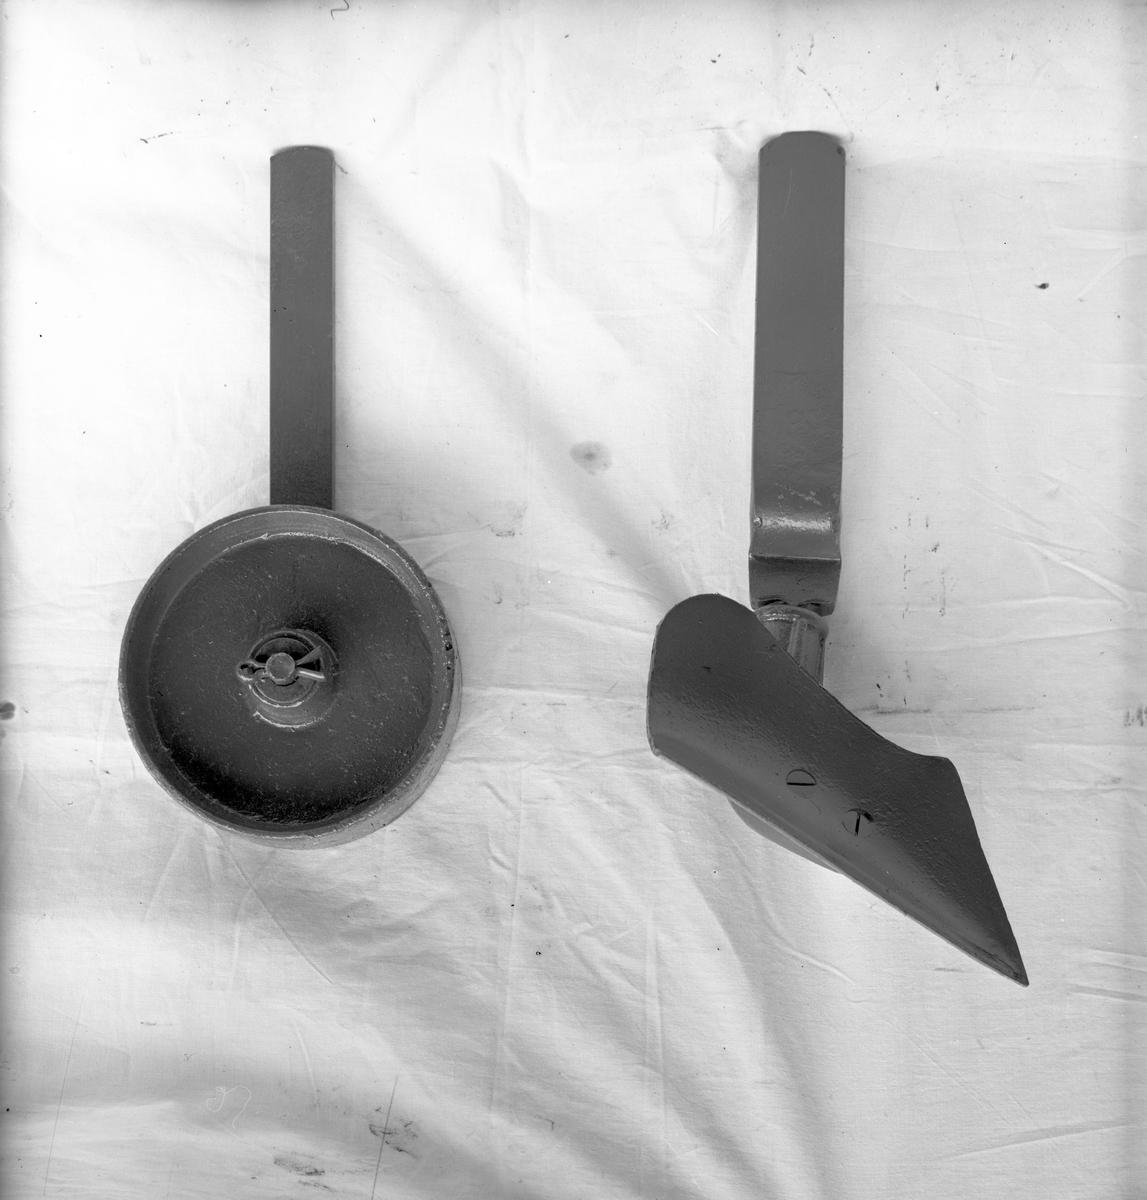 Åkerredskap. 27 april 1945. Åkeredskapsfabriken P.J. Wickholm, Ockelbo.